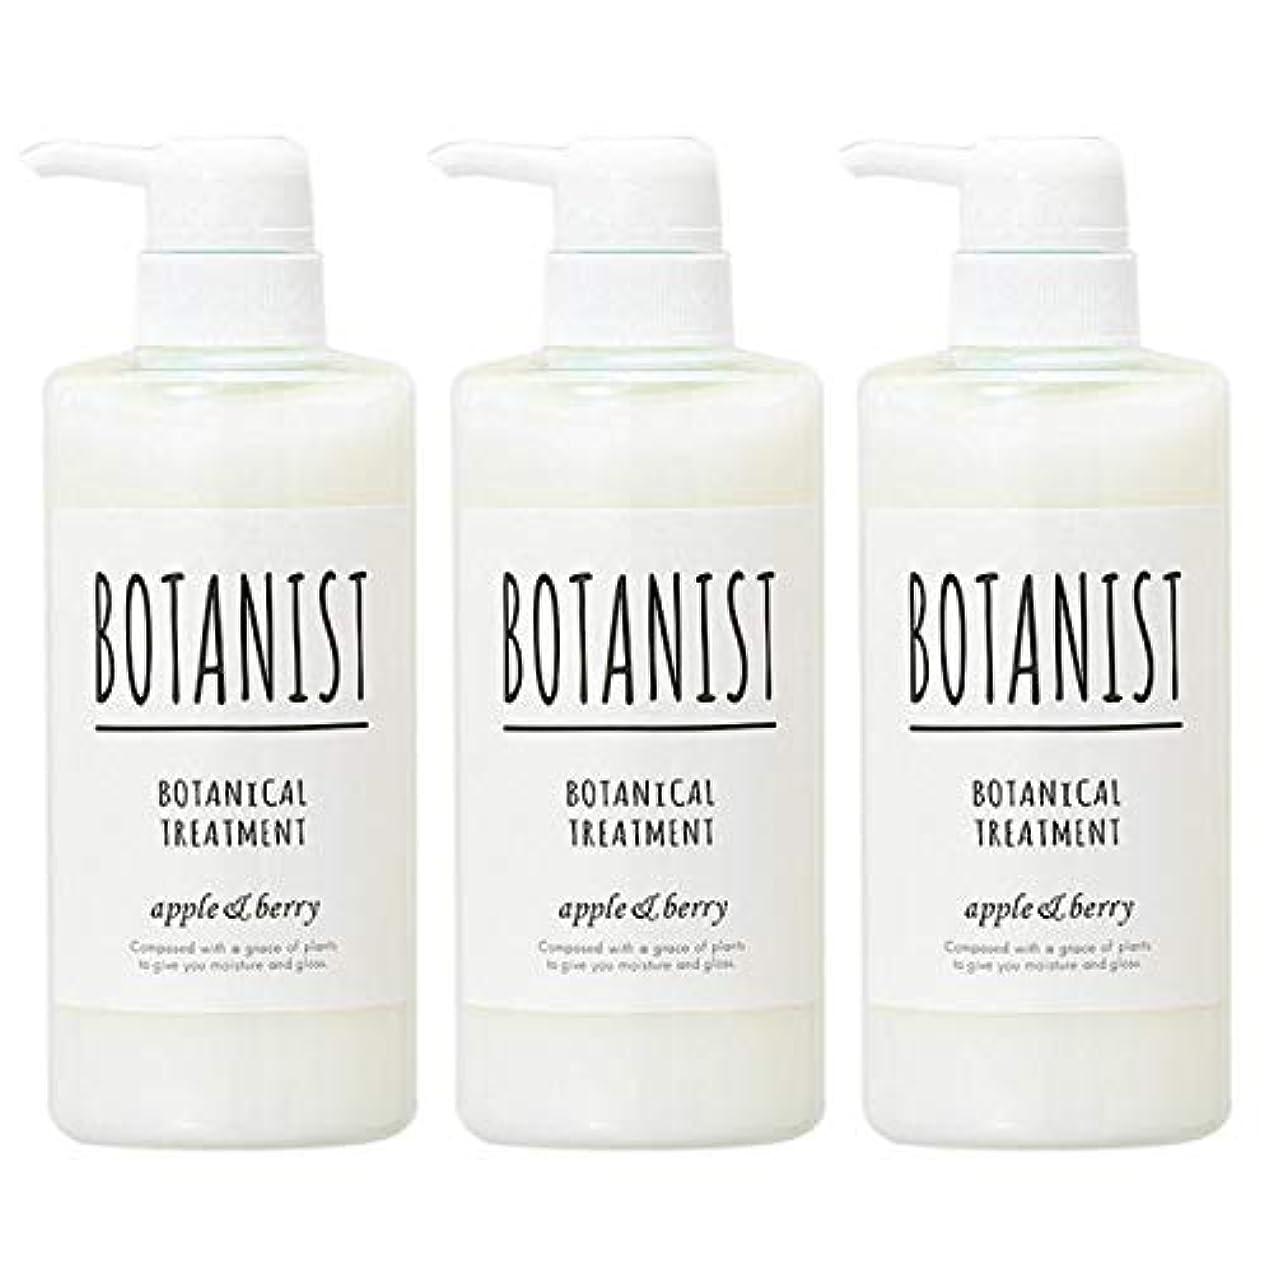 サイクルアレンジ洗うボタニスト BOTANIST ボタニカルトリートメント スムース アップル&ベリー 490g 【3個セット】